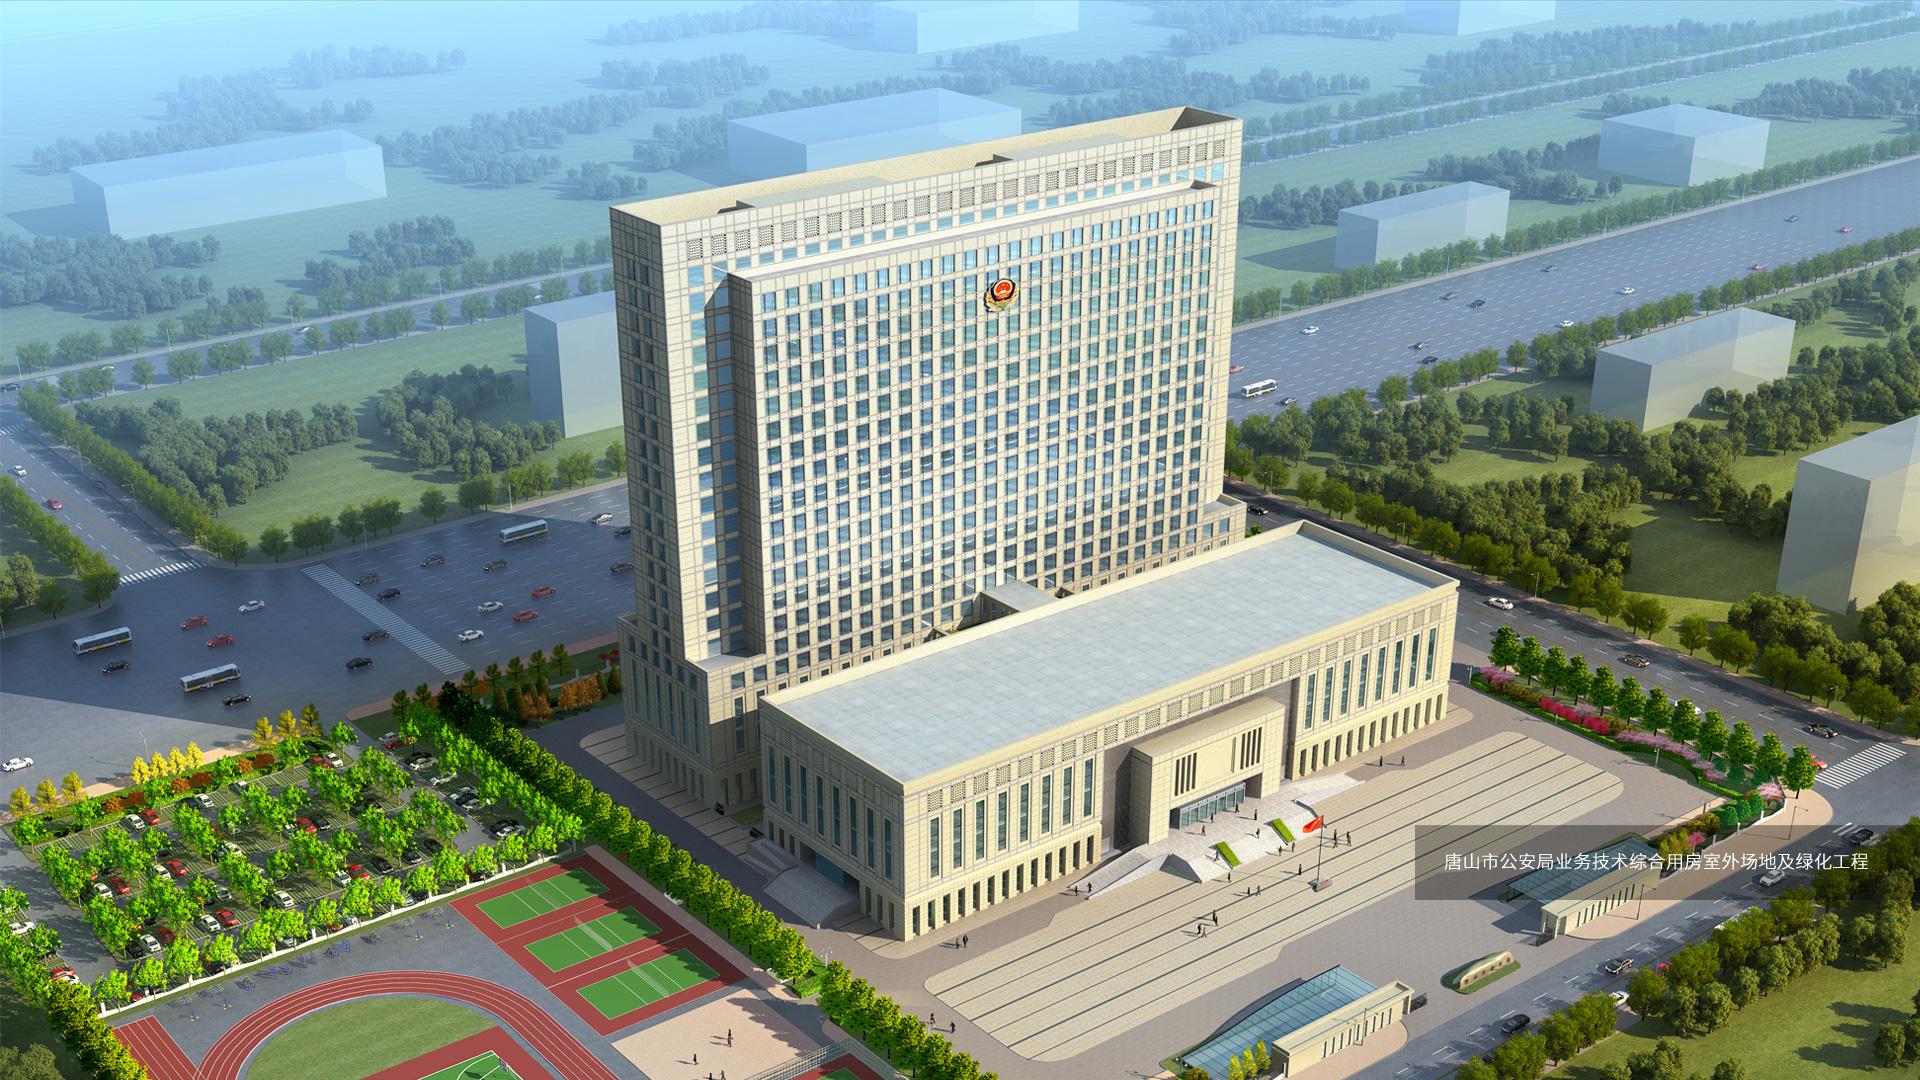 唐山建筑cmp冠军体育|官方网站